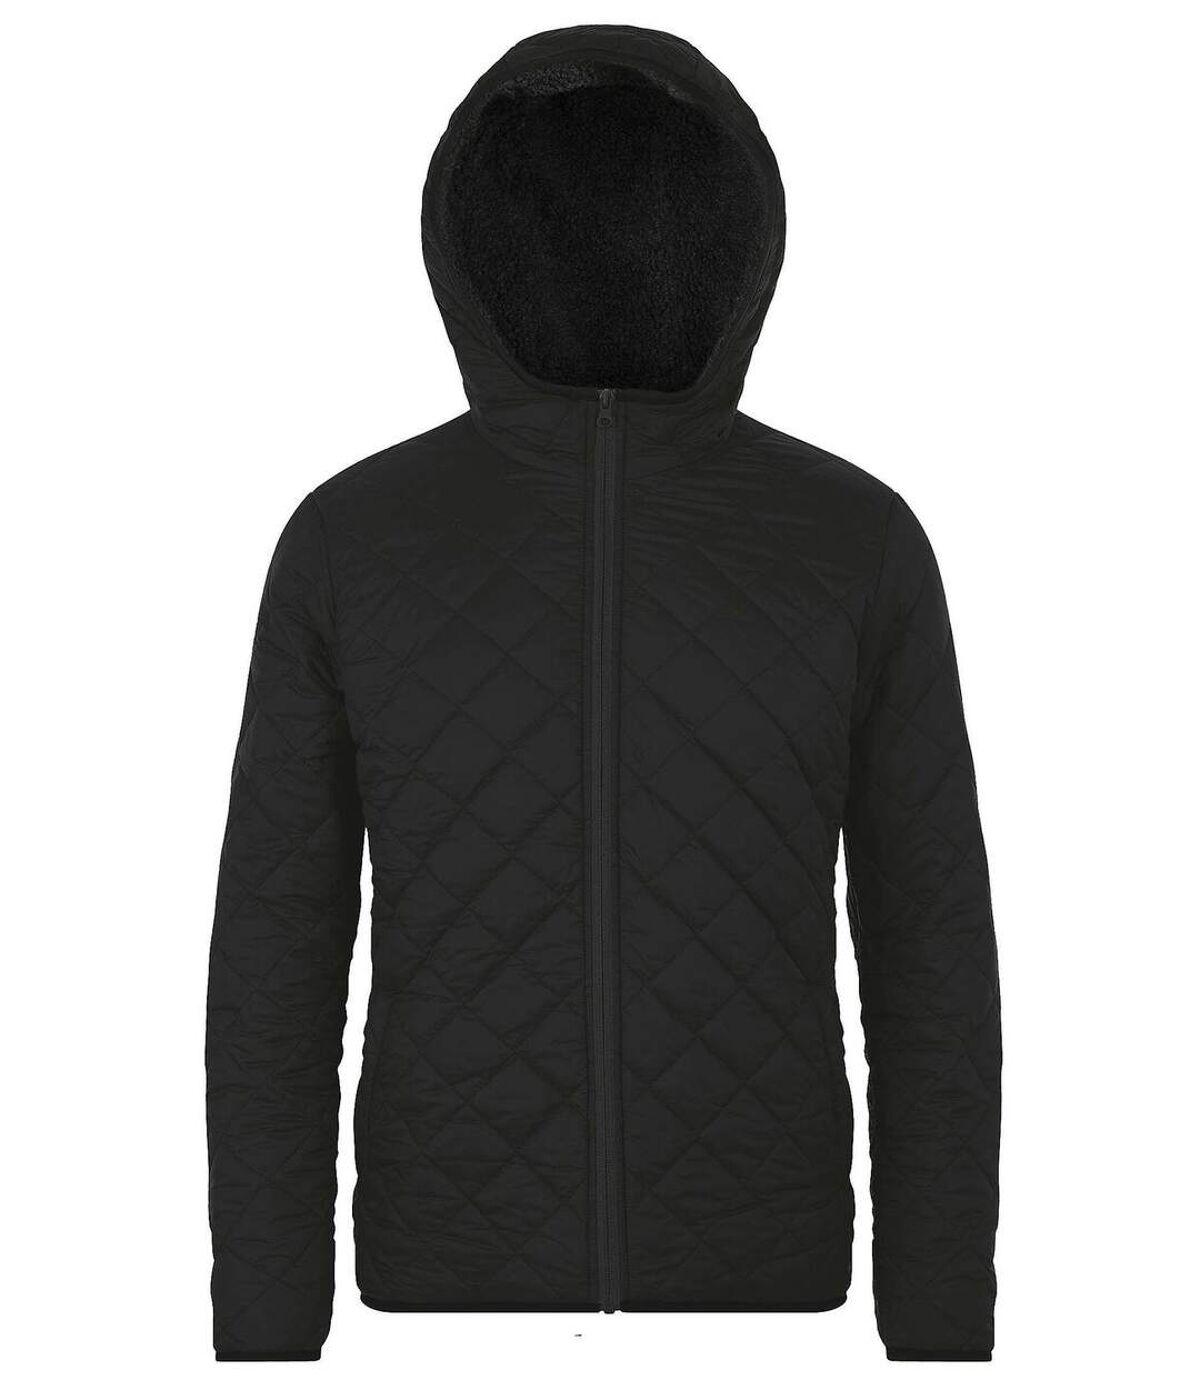 Parka à capuche doublée sherpa - 01615 - noir - unisexe